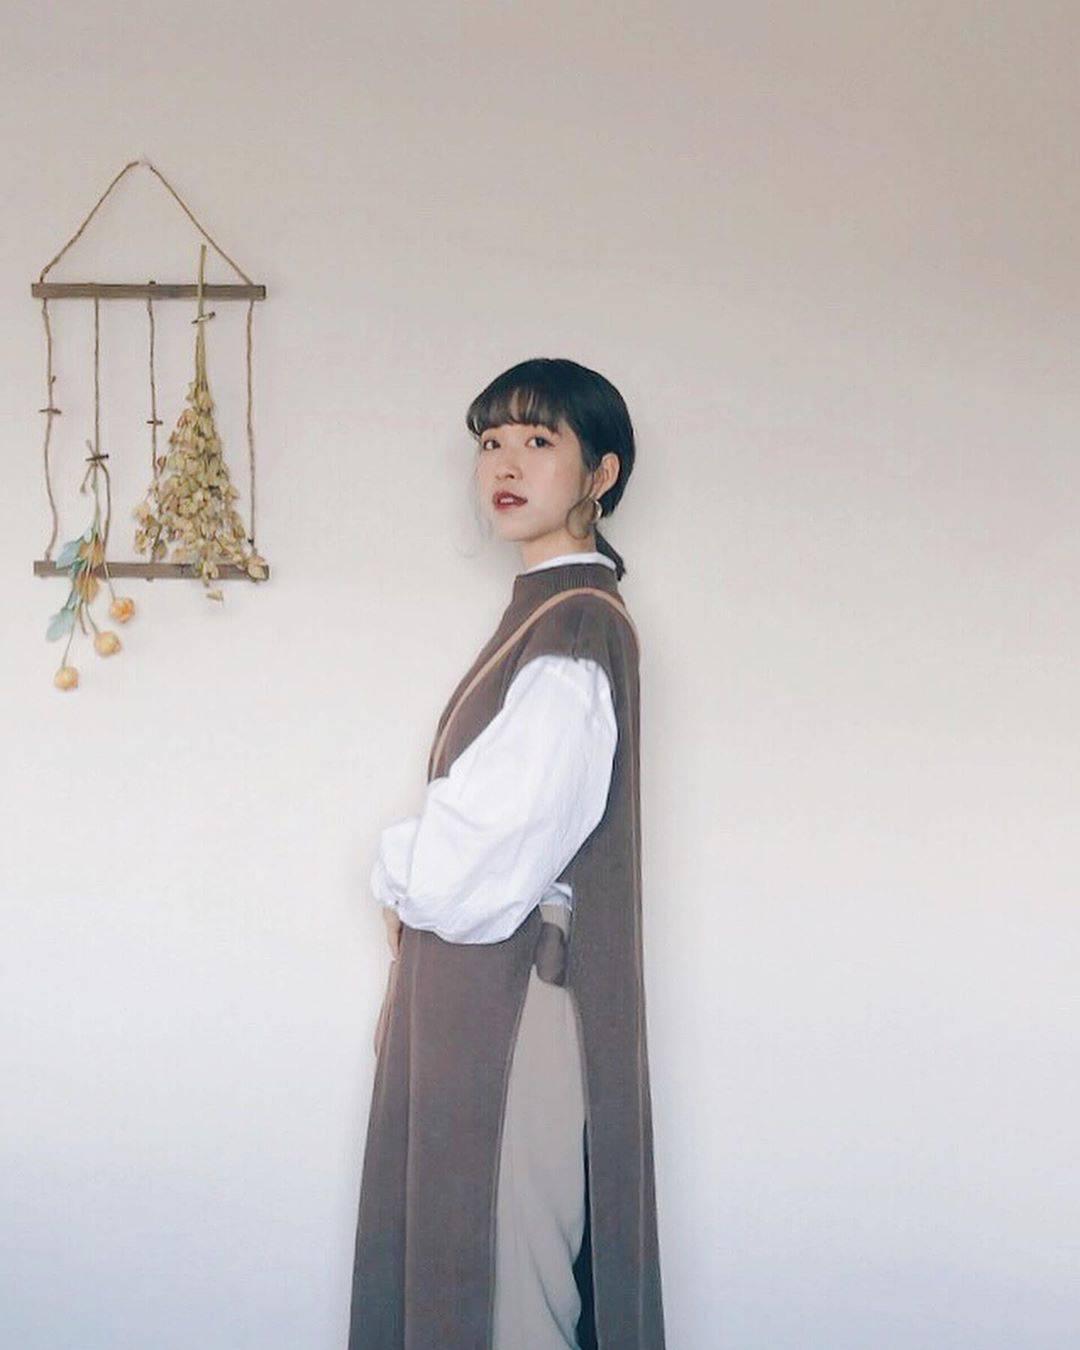 最高気温22度・最低気温11度 natsu_outfitsの服装